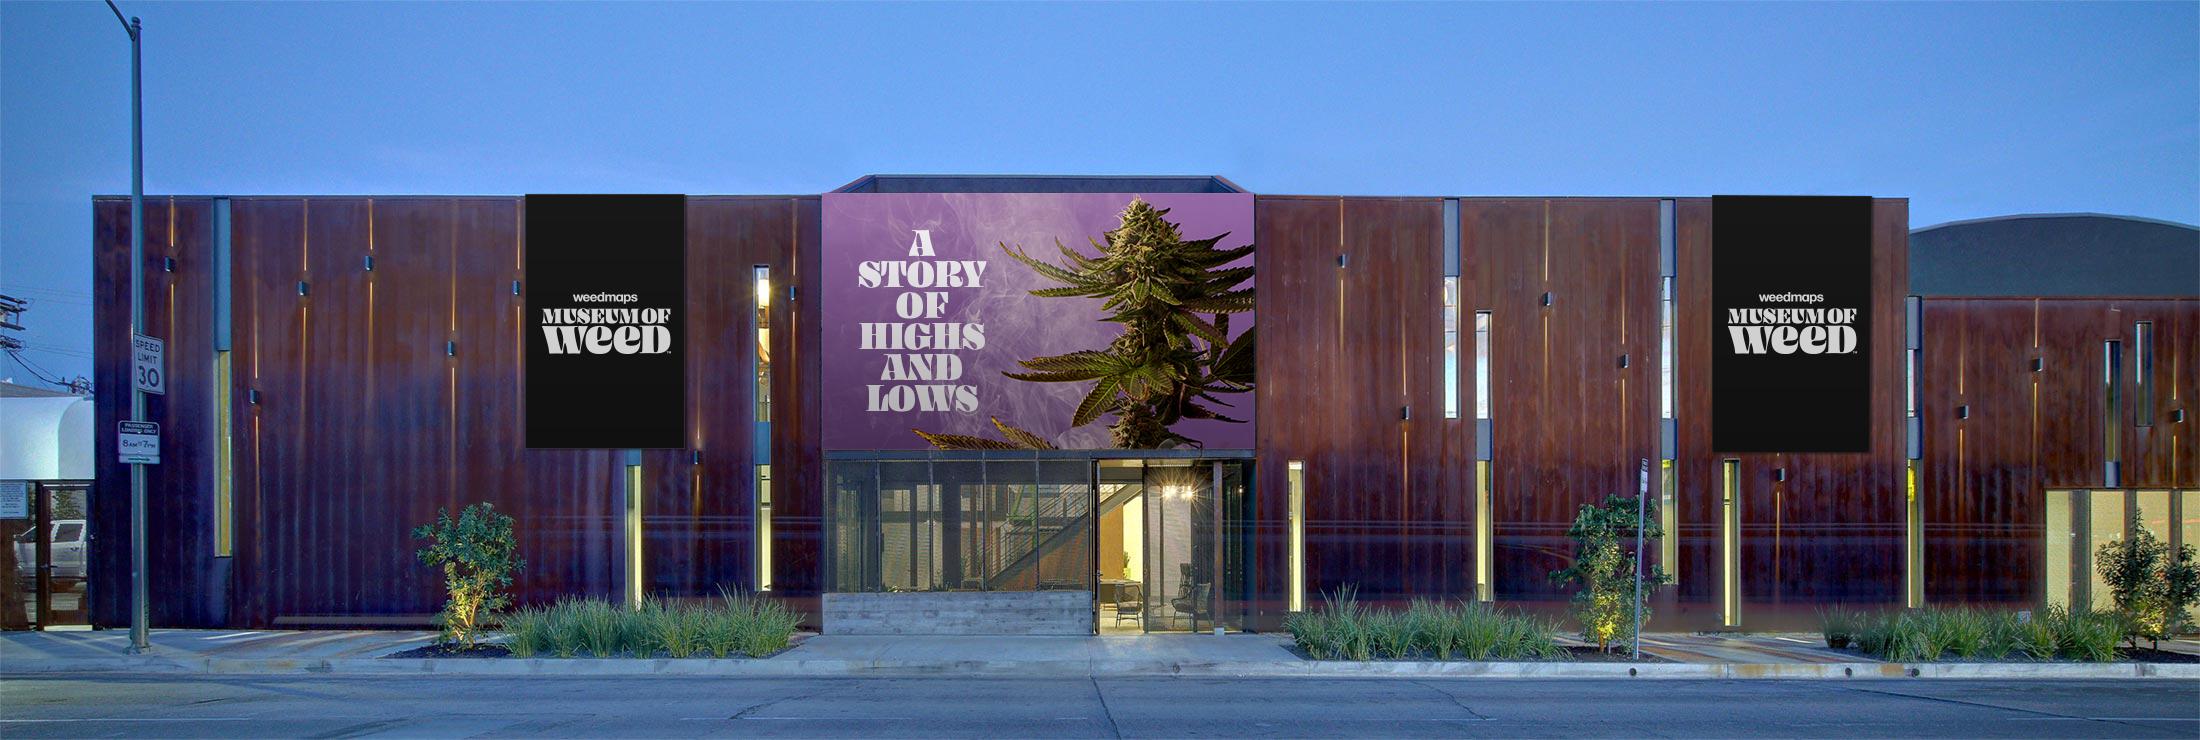 museumofweed.com